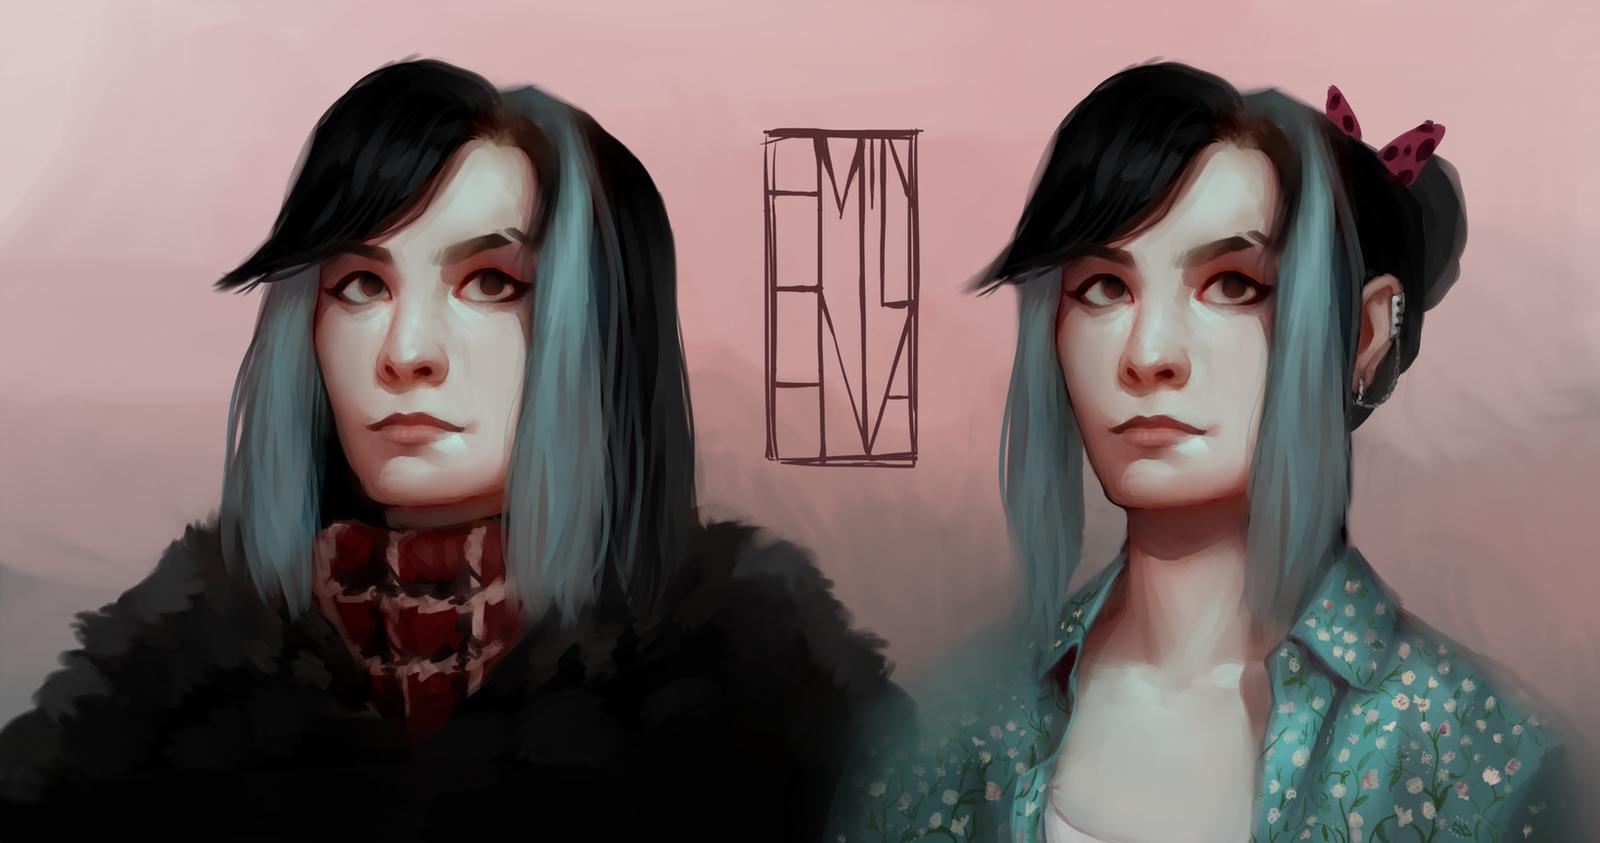 Emilyena's Profile Picture